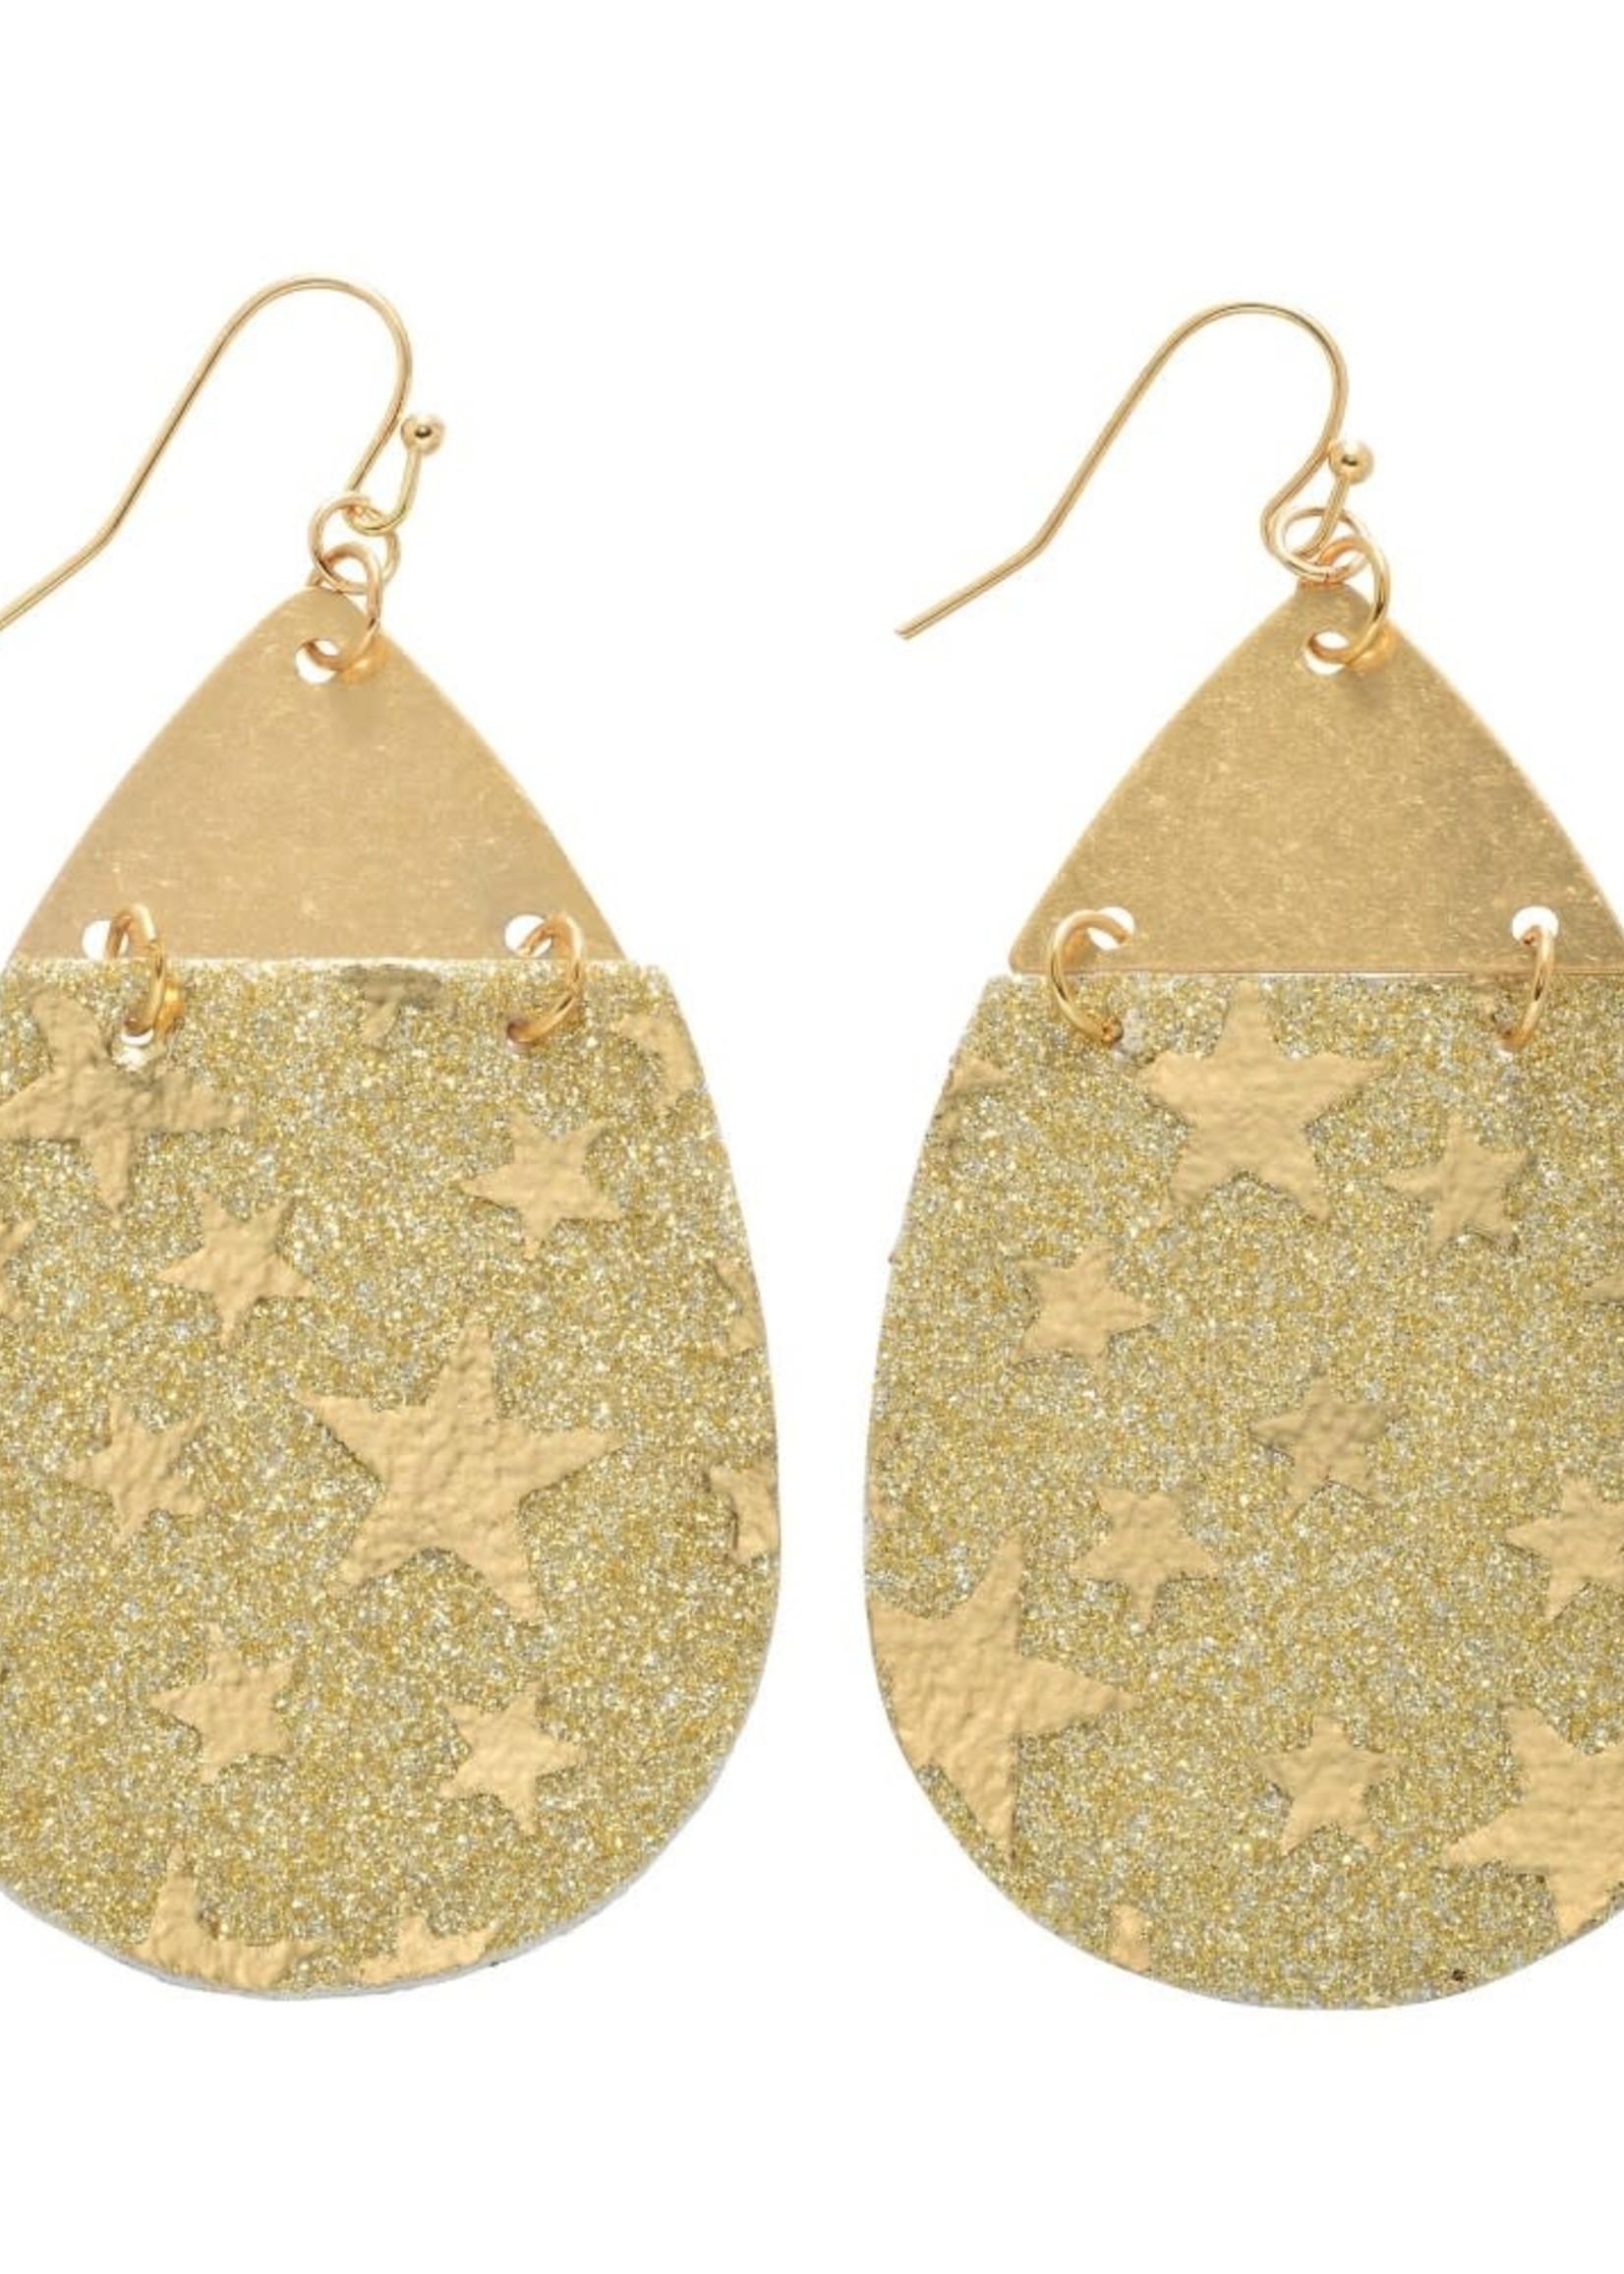 Judson Metal Linked Glitter Star Teardrop Earrings